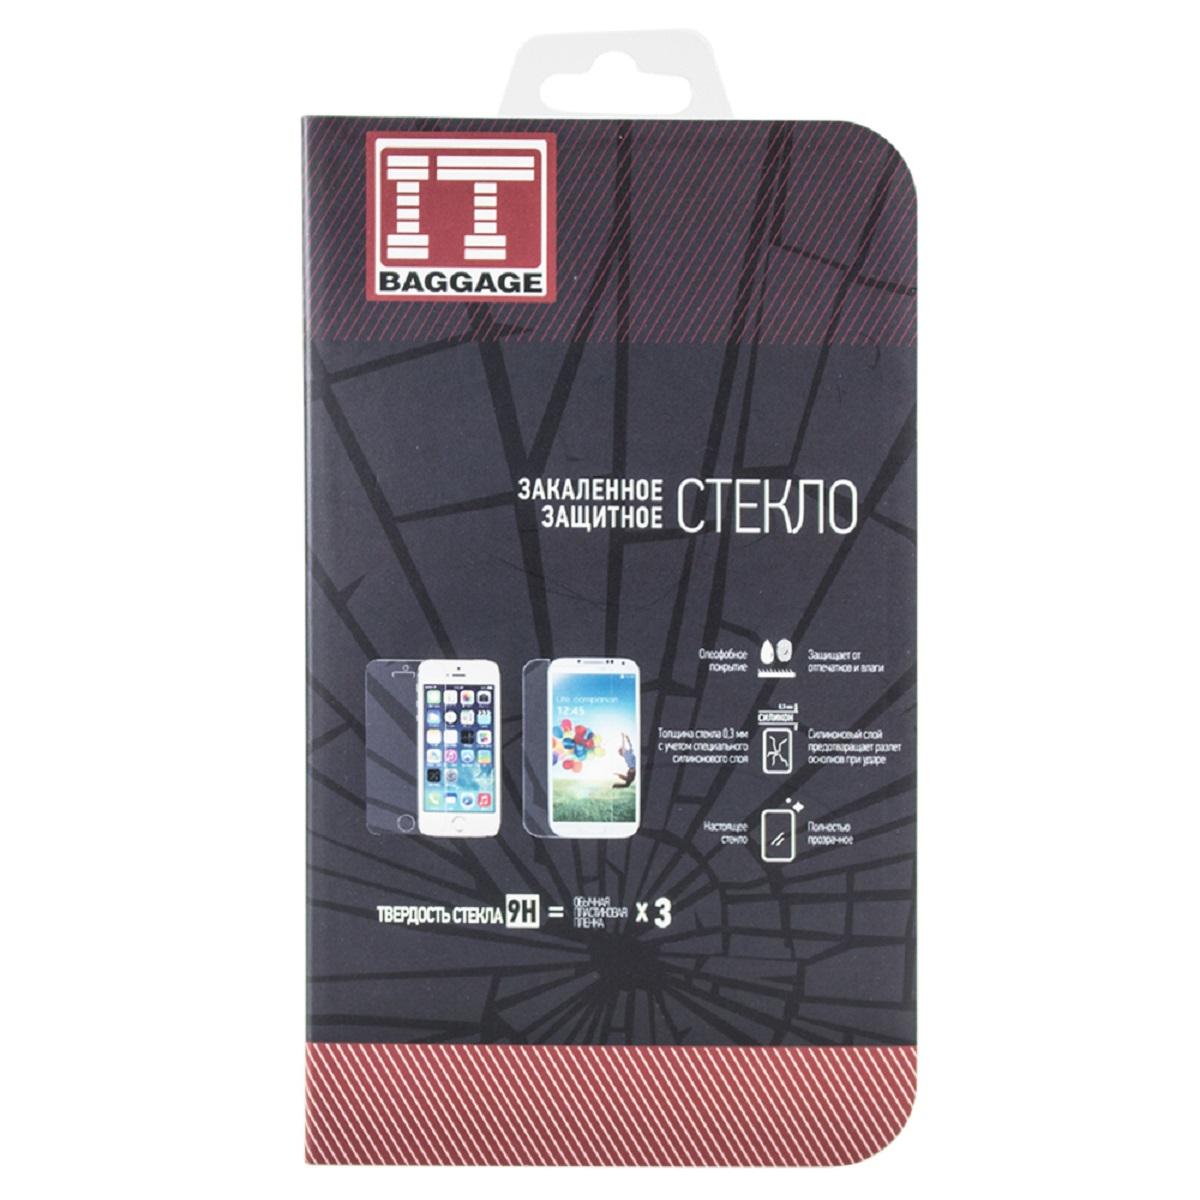 IT Baggage защитное стекло для Meizu M2 NoteITMZM2NGЗакаленное стекло IT Baggage для Meizu M2 Note - это самый верный способ защитить экран от повреждений и загрязнений. Обладает высочайшим уровнем прозрачности и совершенно не влияет на отклик экранного сенсора и качество изображения. Препятствует появлению отпечатков и пятен. Удалить следы жира и косметики с поверхности аксессуара не составить ни какого труда.Характеристики защитного стекла делают его износостойким к таким механическим повреждениям, как царапины, сколы, потертости. При сильном ударе разбившееся стекло не разлетается на осколки, предохраняя вас от порезов, а экран устройства от повреждений.После снятия защитного стекла с поверхности дисплея, на нем не остаются повреждения, такие как потертости и царапины.